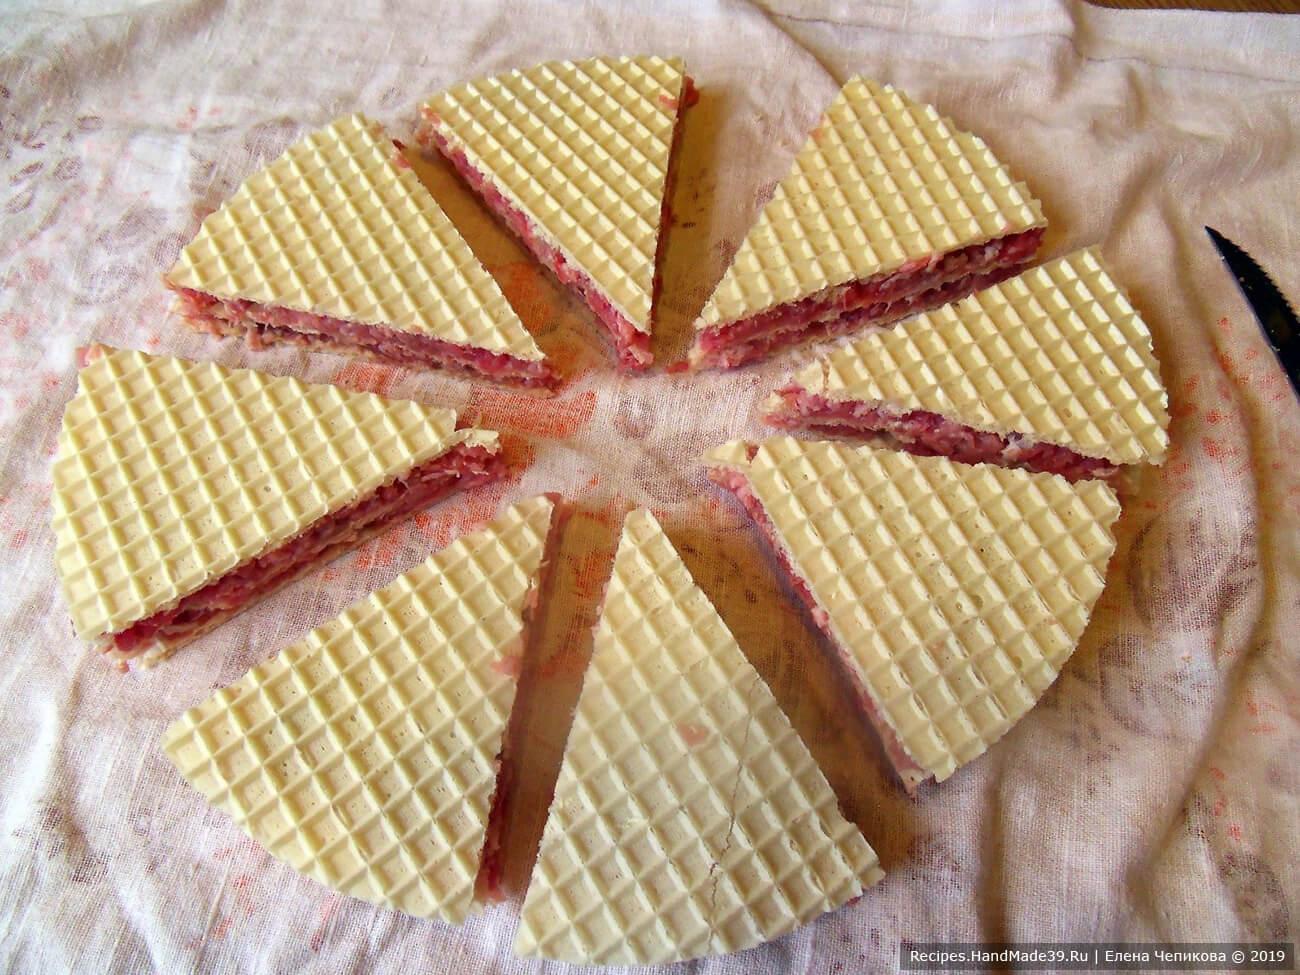 Разрезать «торт» на сегменты